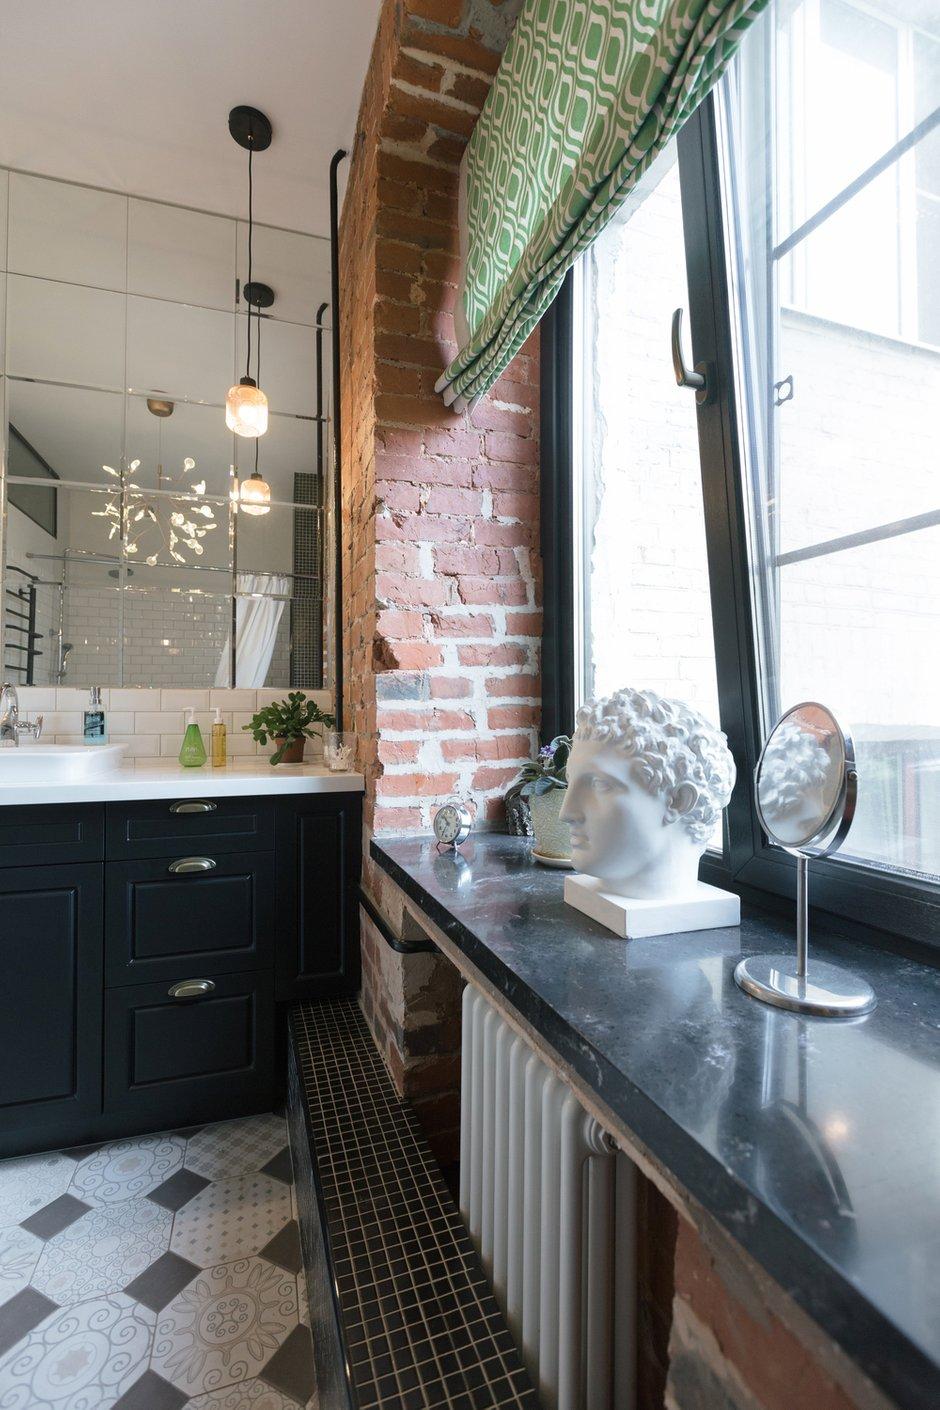 Фотография: Ванная в стиле Лофт, Эклектика, Квартира, Проект недели, Москва, Кирпичный дом, 2 комнаты, 40-60 метров, 60-90 метров, Варя Шалито – фото на INMYROOM